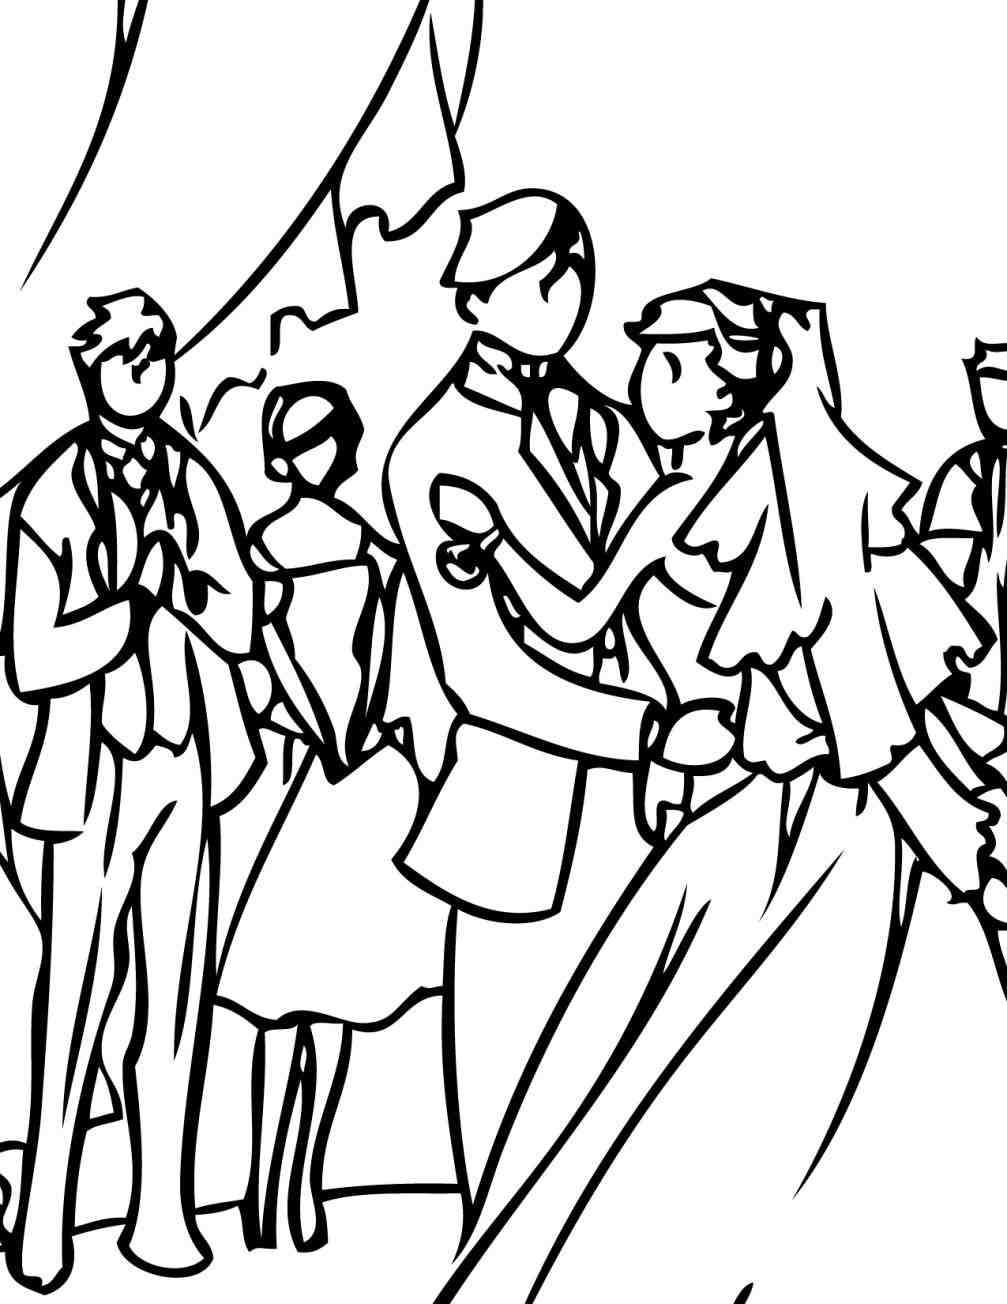 1007x1304 Color Clip Art Downloadorg Clip Wedding Reception Dancing Clipart